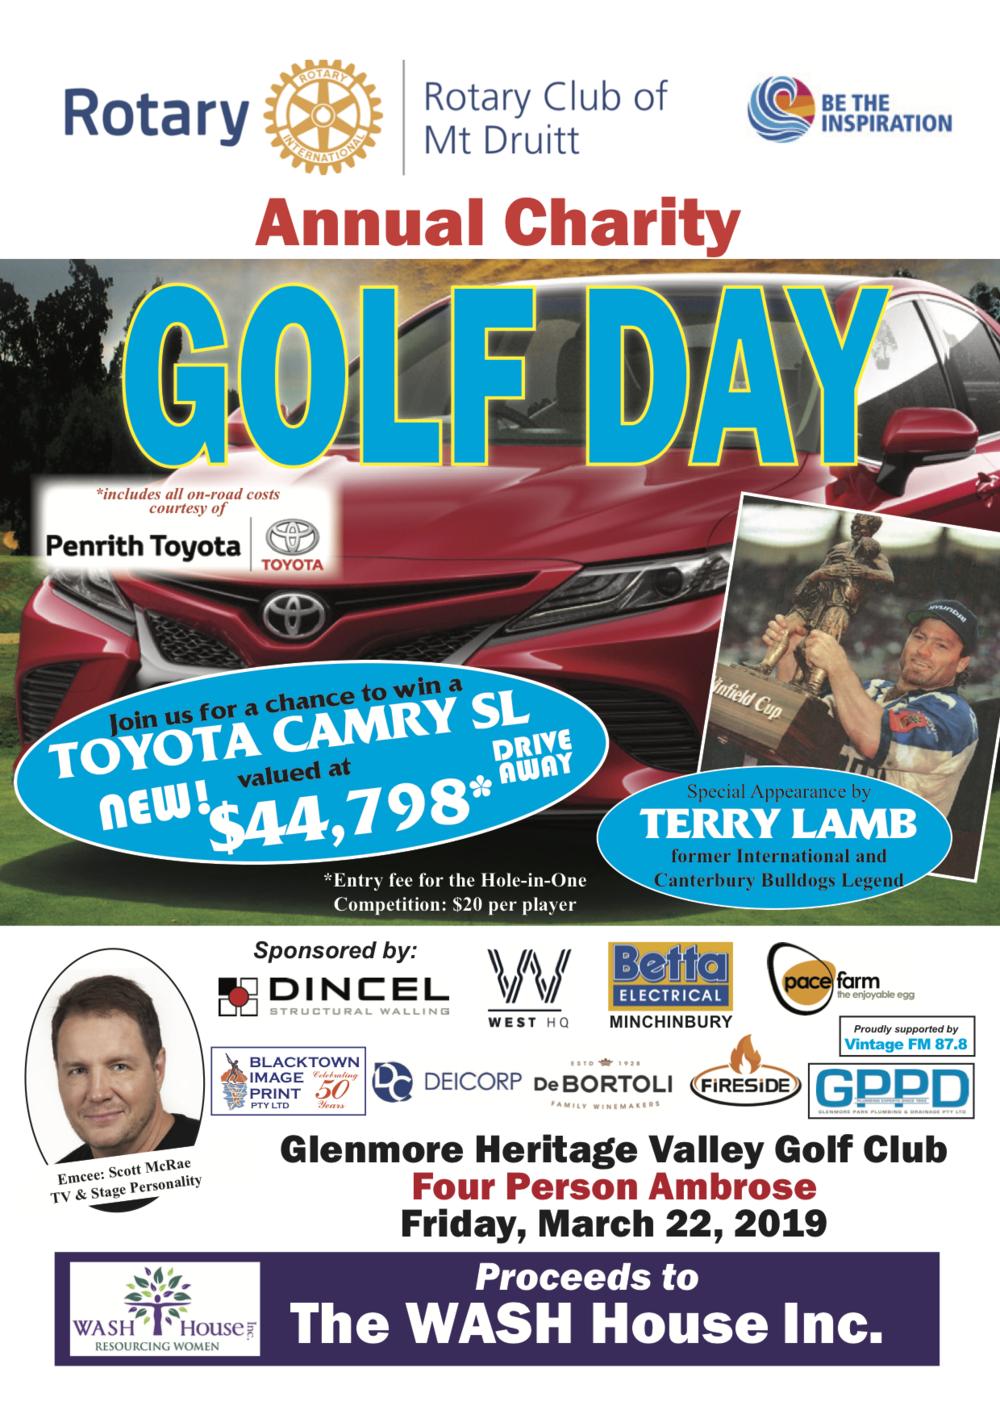 Golf Day 19 leaflet (1).png